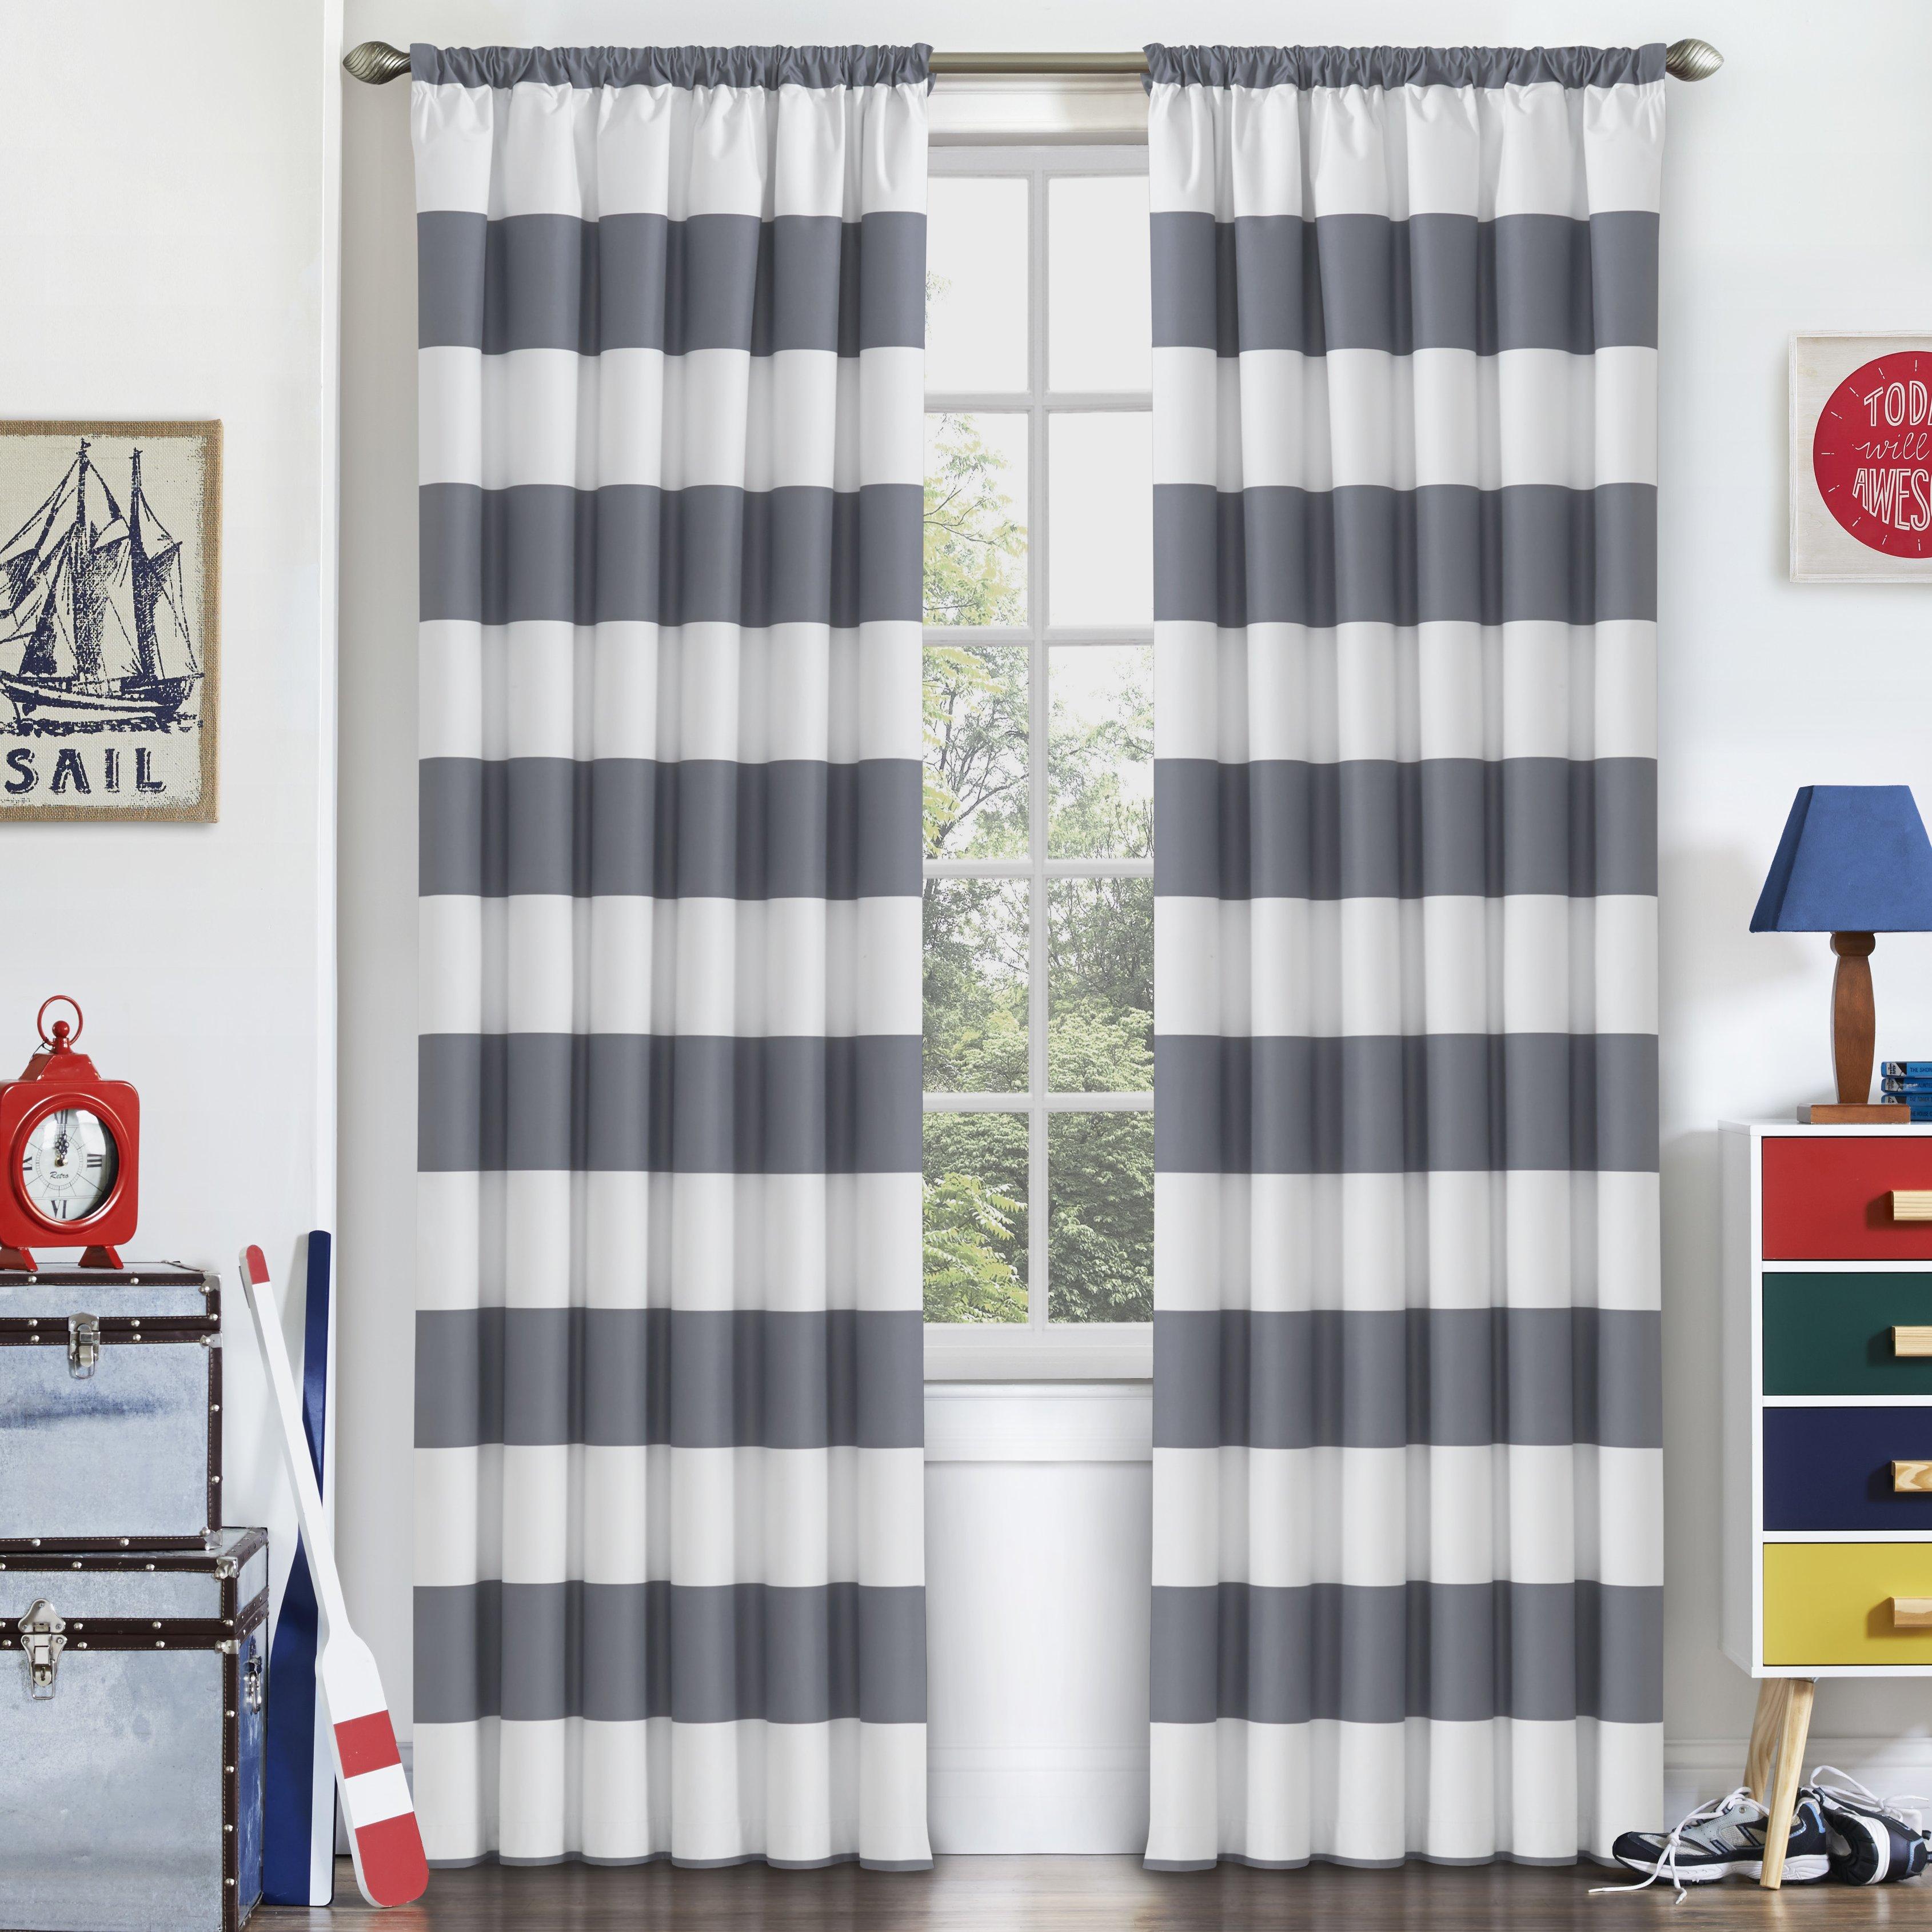 Soundproof Curtains Target | Roman Shades Target | Door Curtains Target